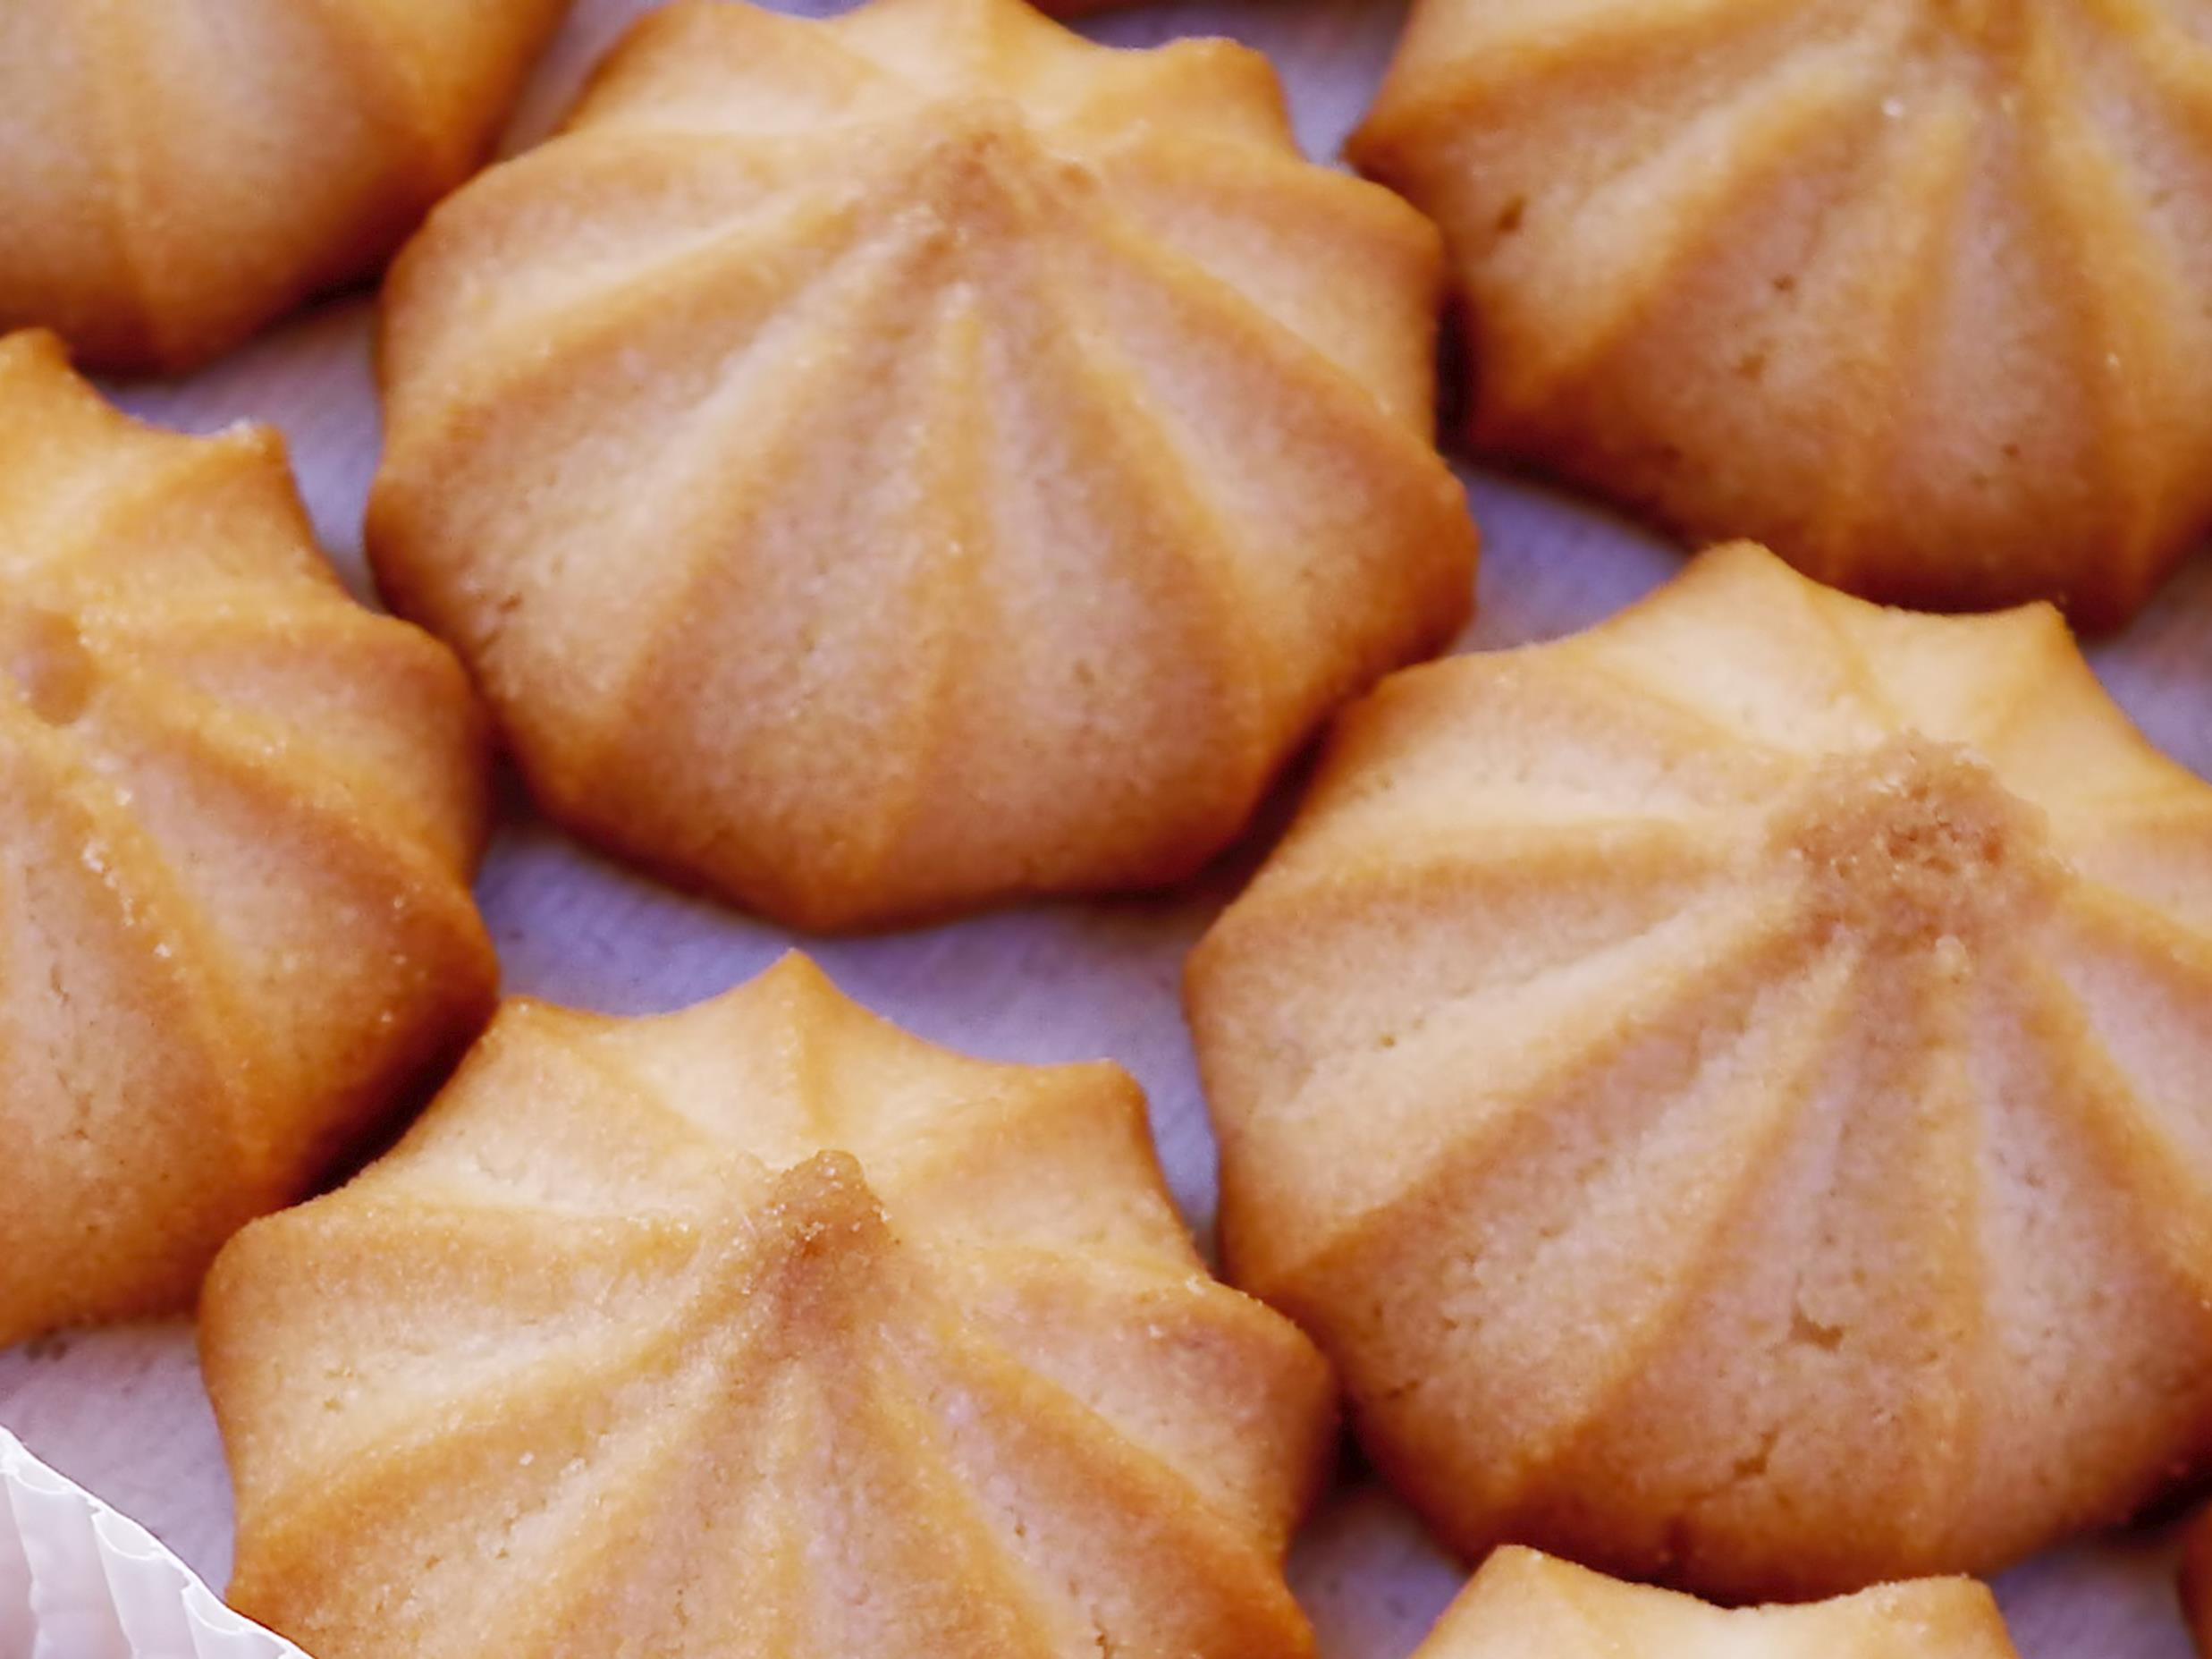 Populares Natal: 11 receitas de biscoitos que são excelentes lembrancinhas  WK17